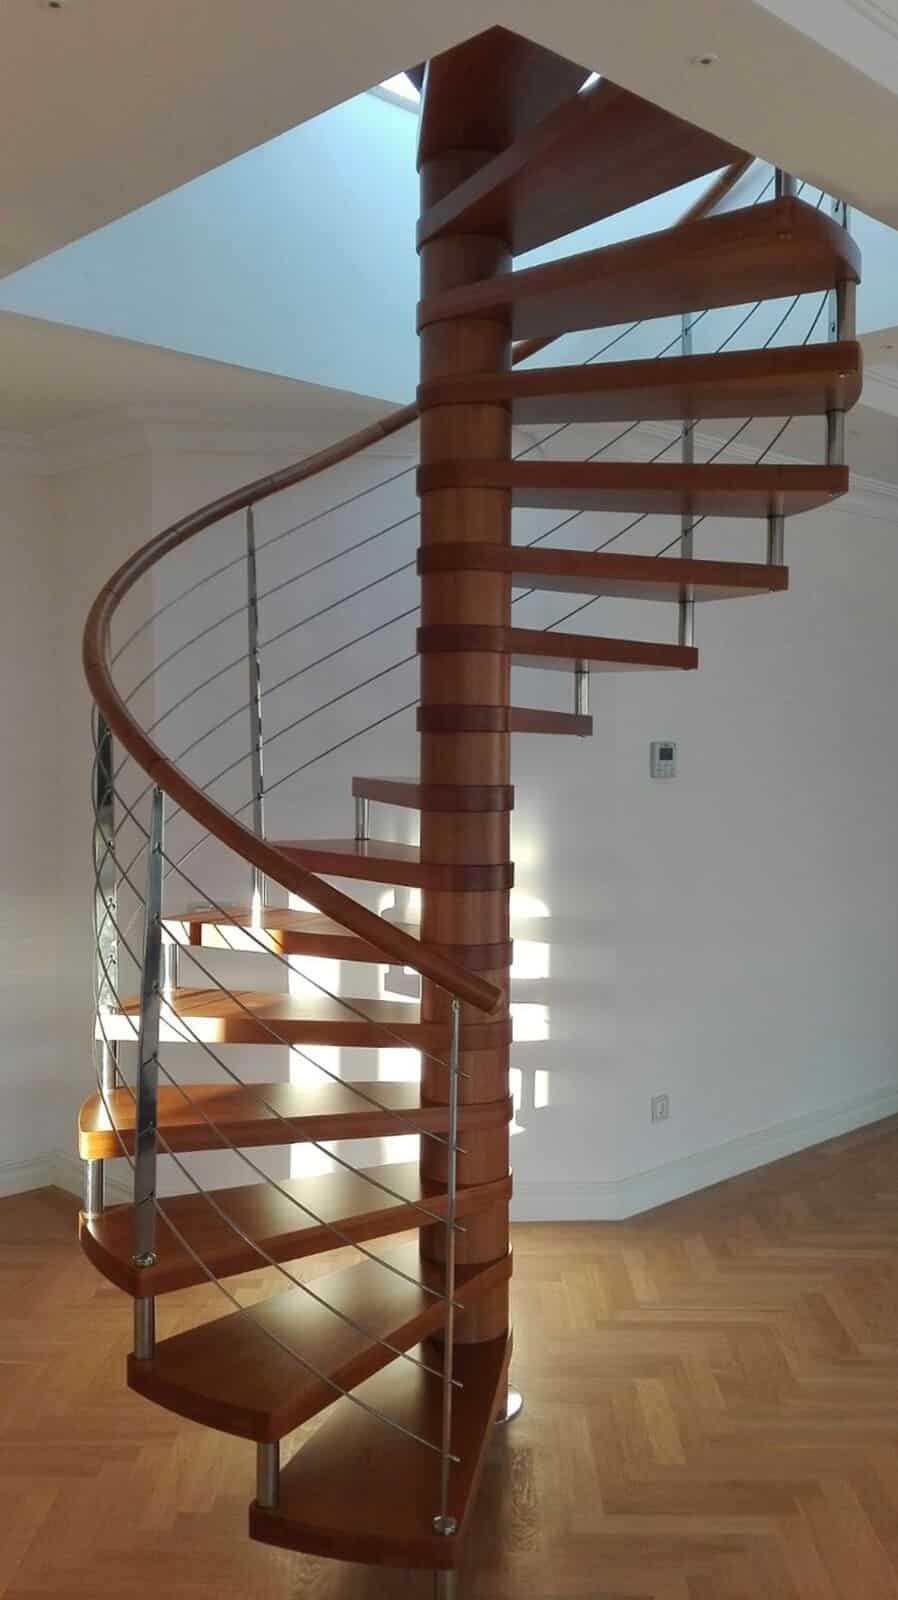 Escalera de caracol madera y metal de enesca.es